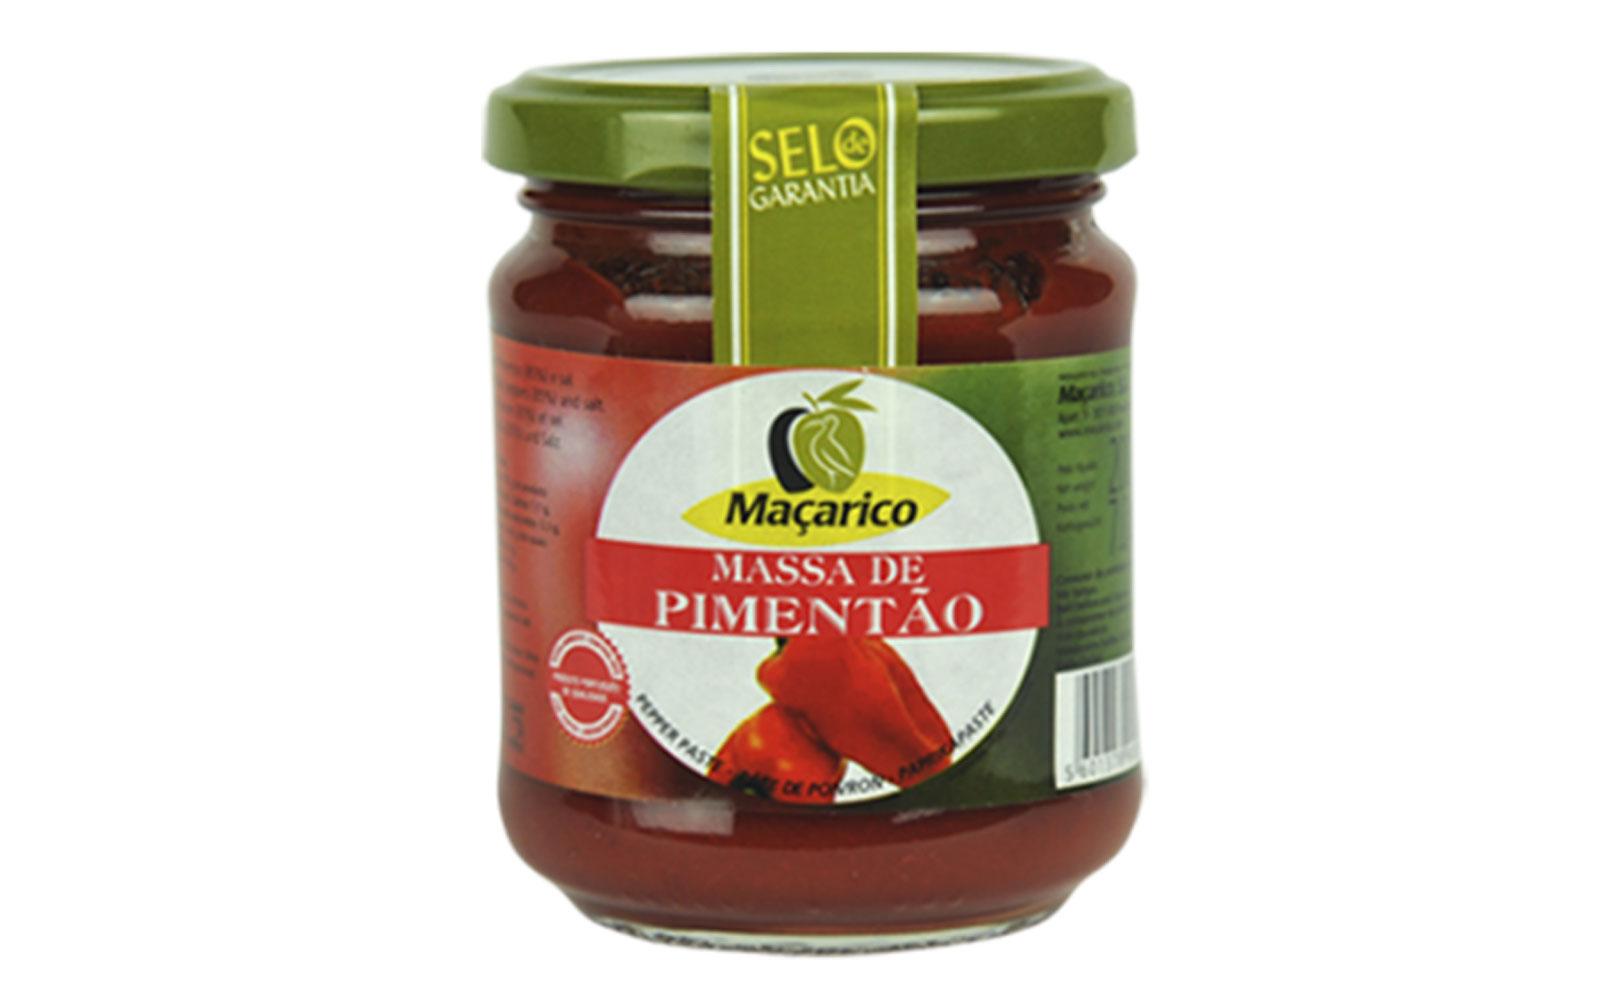 macarico massa de pimentao 200gr